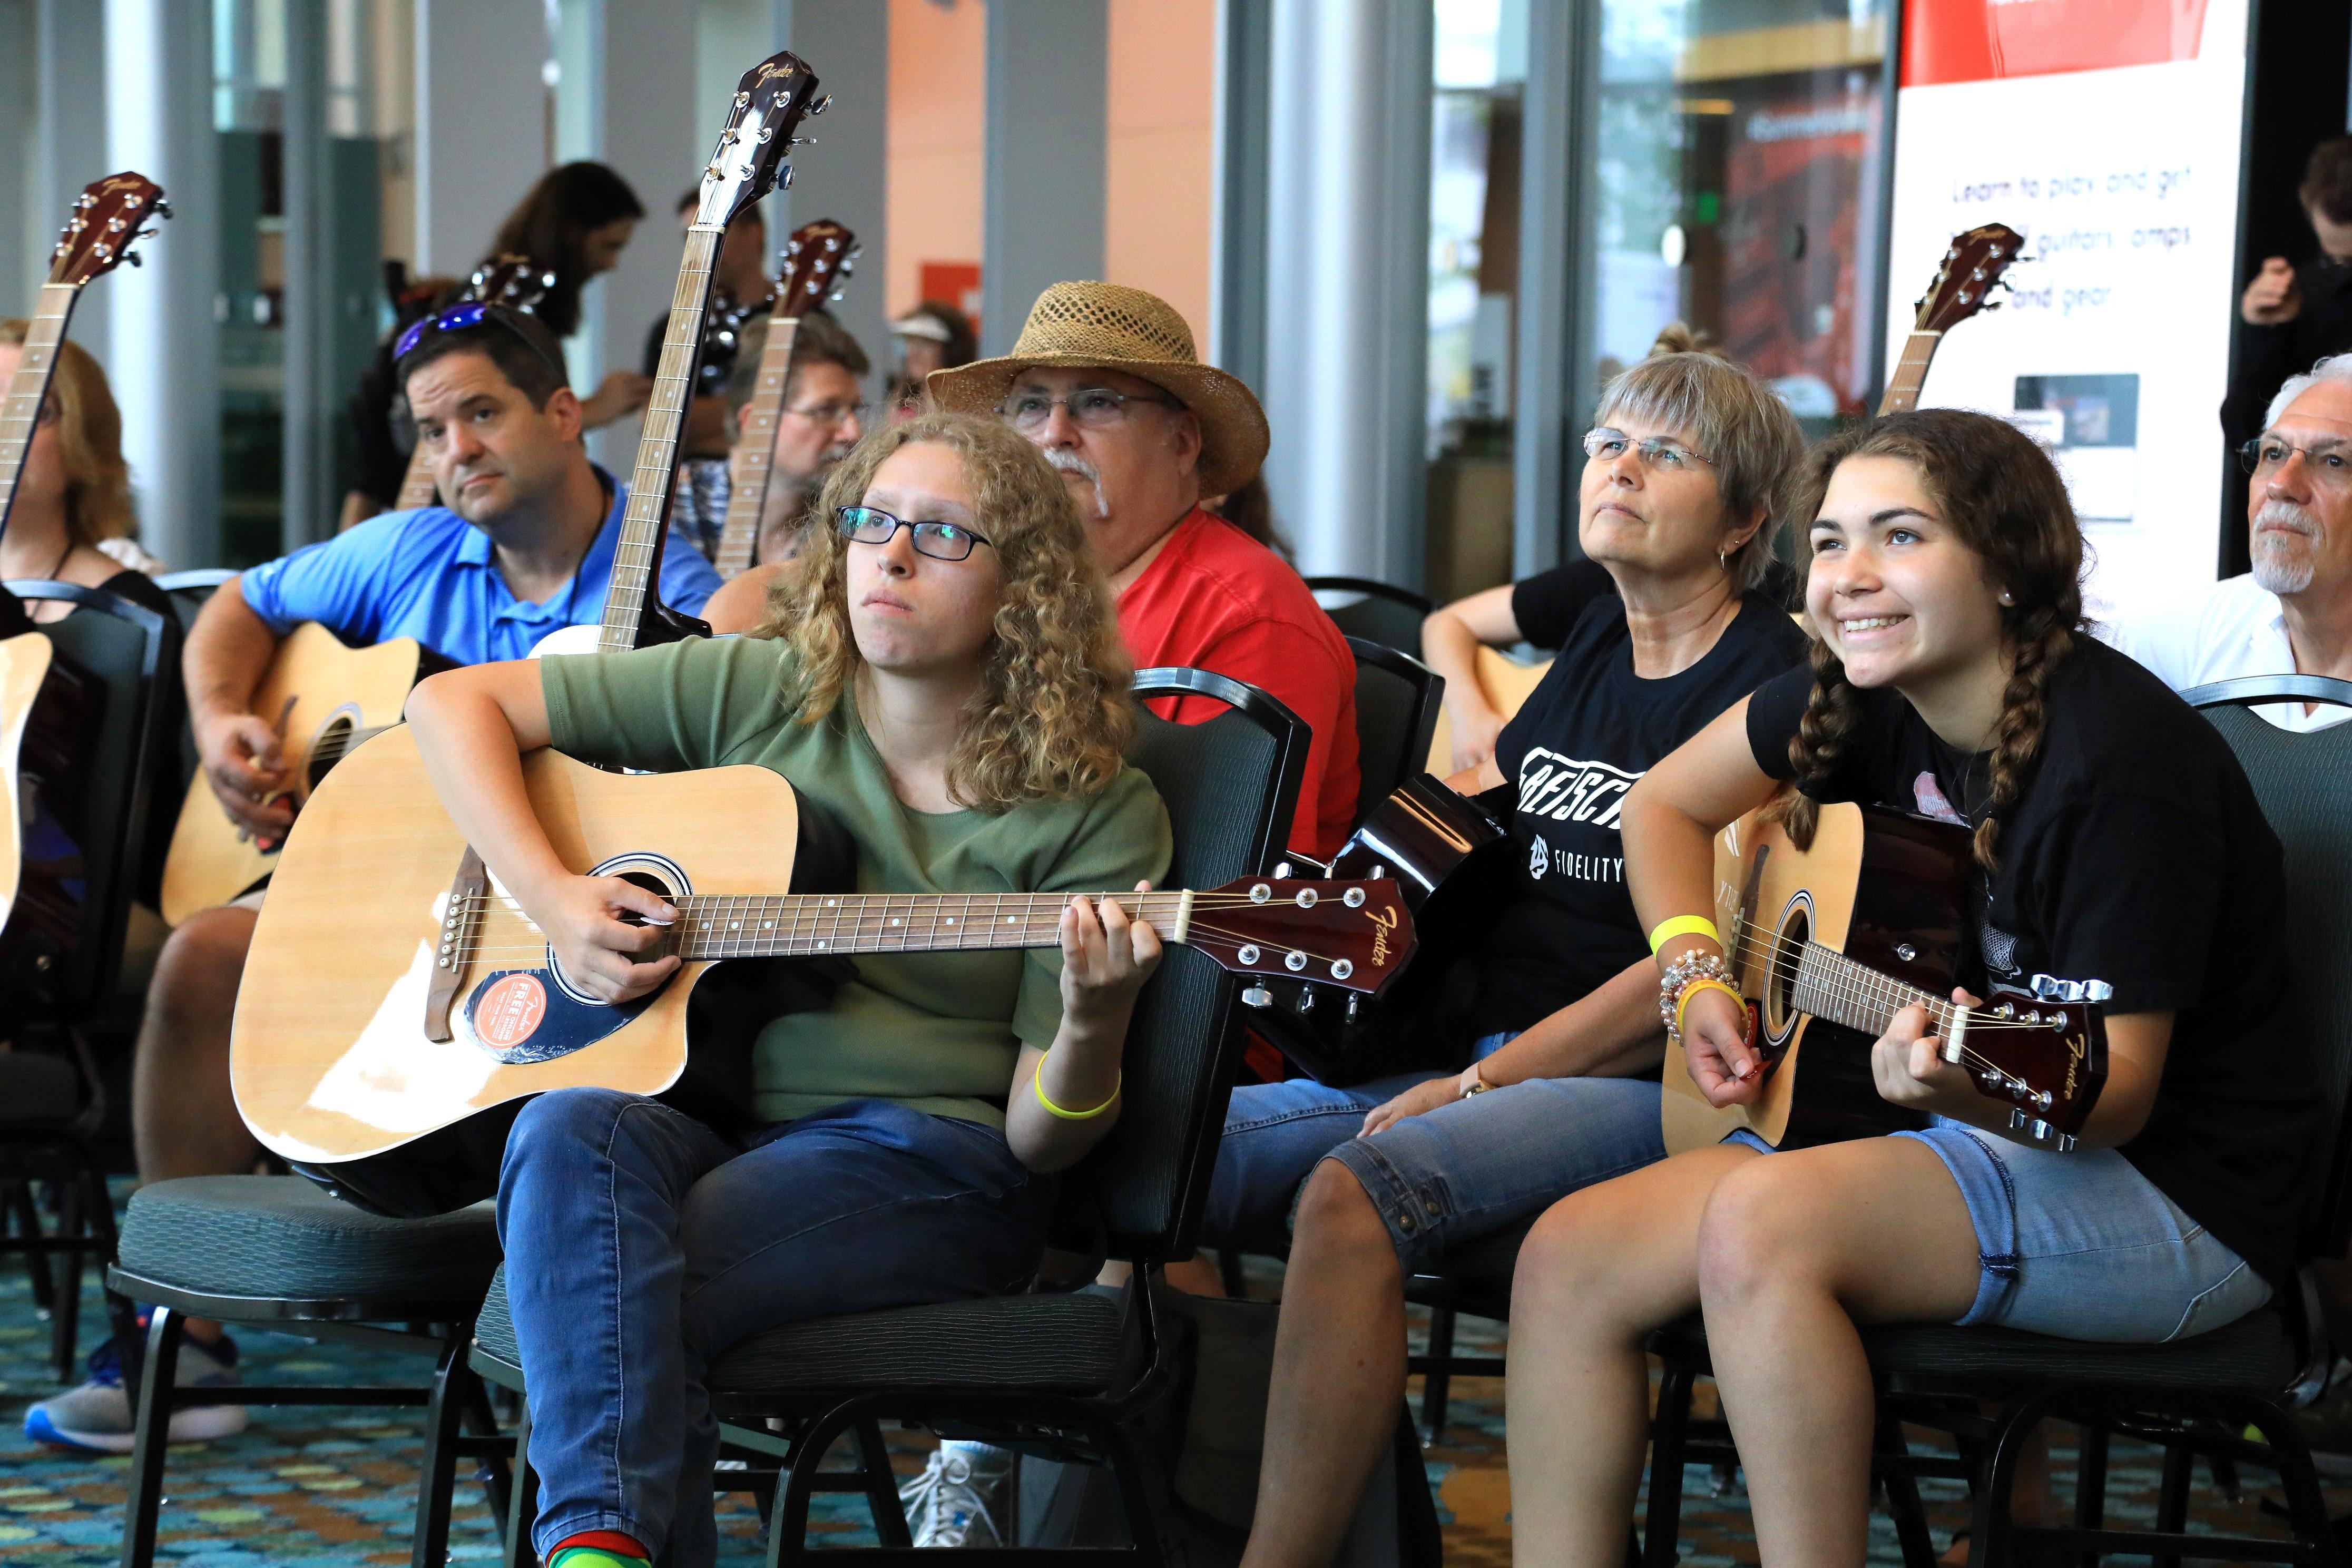 Guitar Circle at Summer NAMM